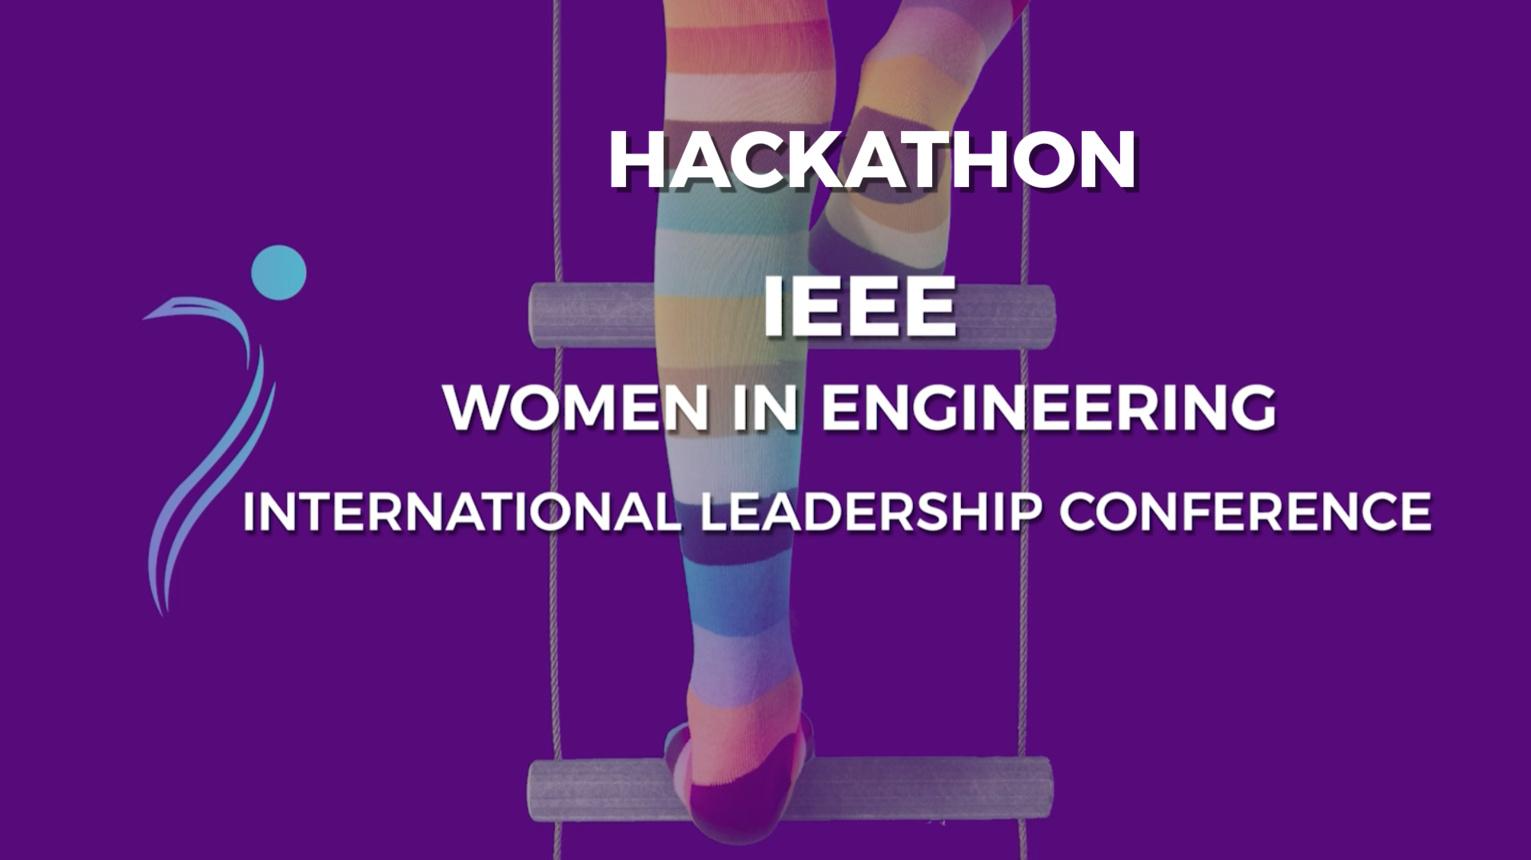 Hackathon at the IEEE Women in Engineering International Leadership Conference